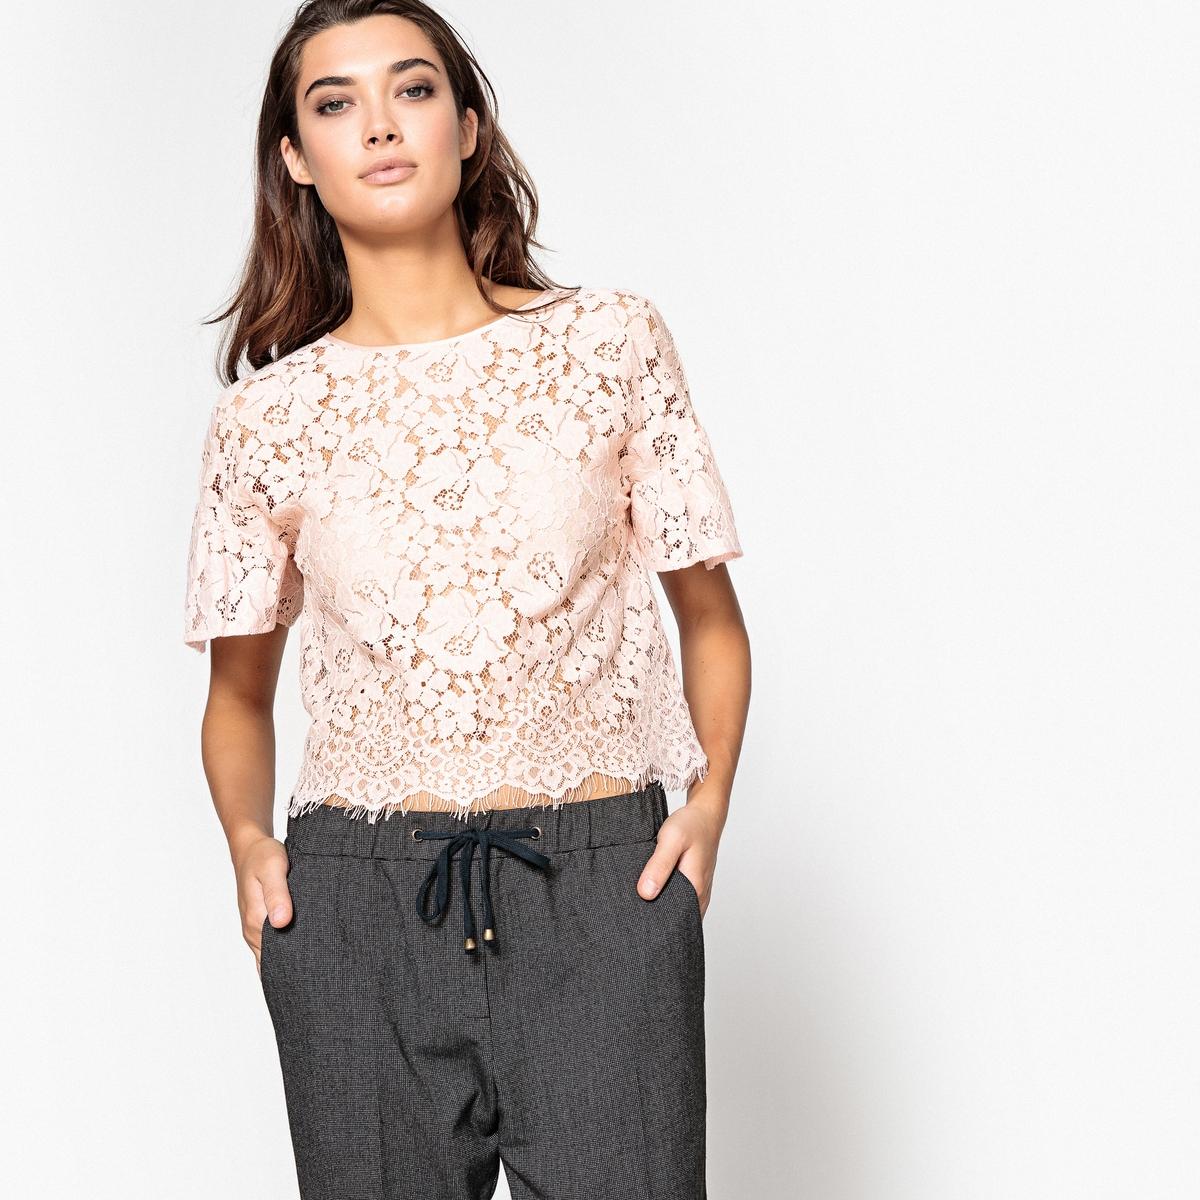 Krótka koronkowa bluzka z falbankami przy rękawach